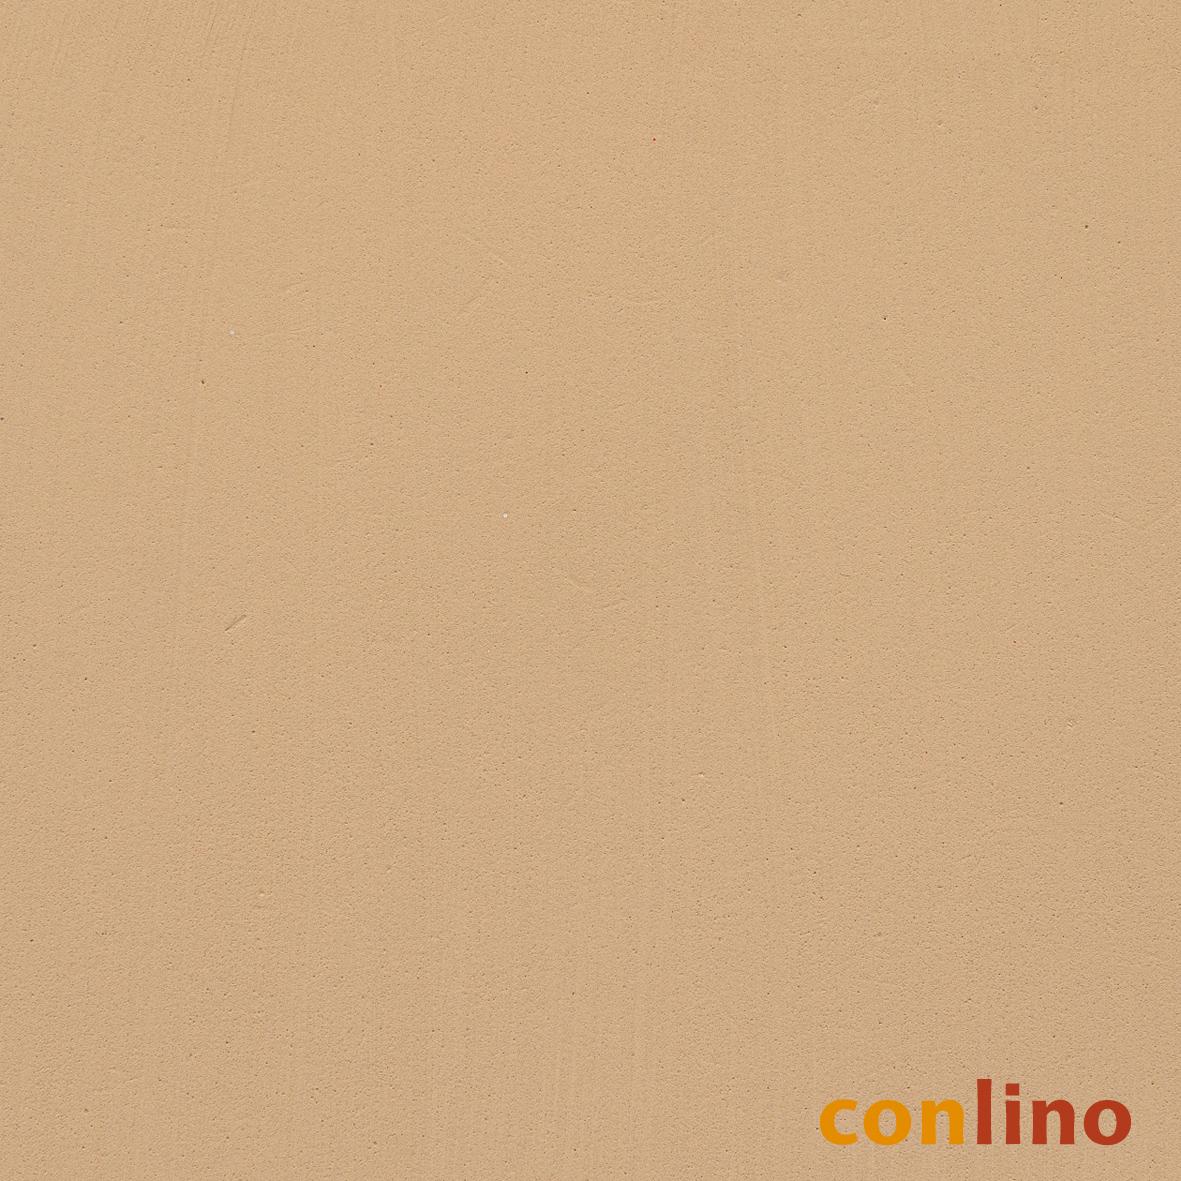 conlino Lehmfarbe Barro Tinaja CL 113